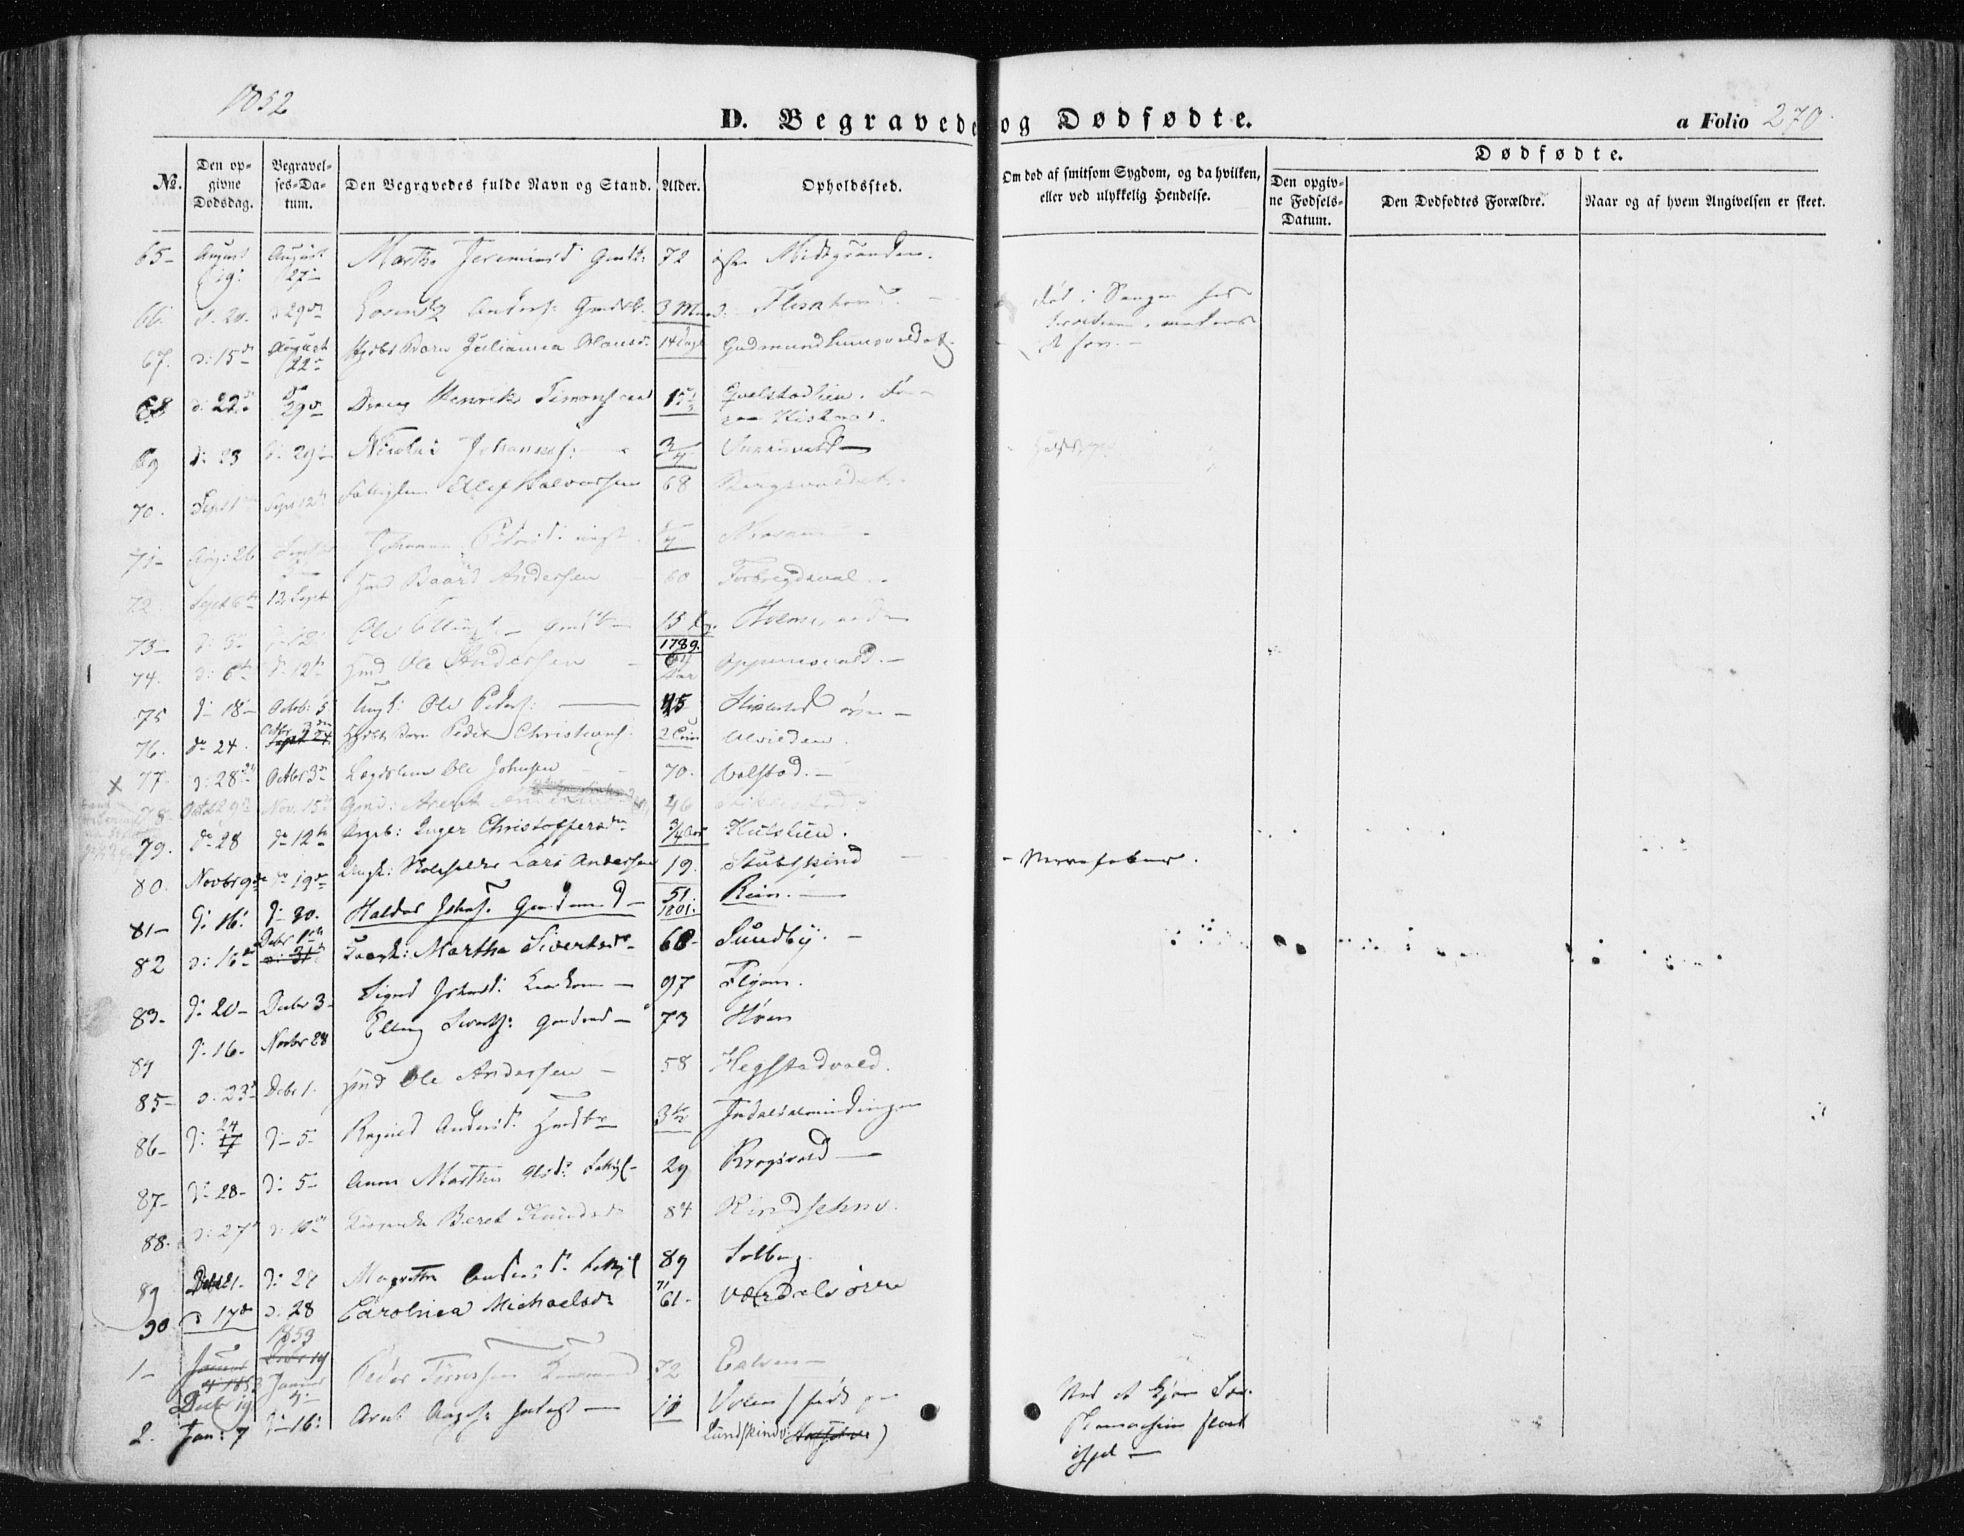 SAT, Ministerialprotokoller, klokkerbøker og fødselsregistre - Nord-Trøndelag, 723/L0240: Ministerialbok nr. 723A09, 1852-1860, s. 270